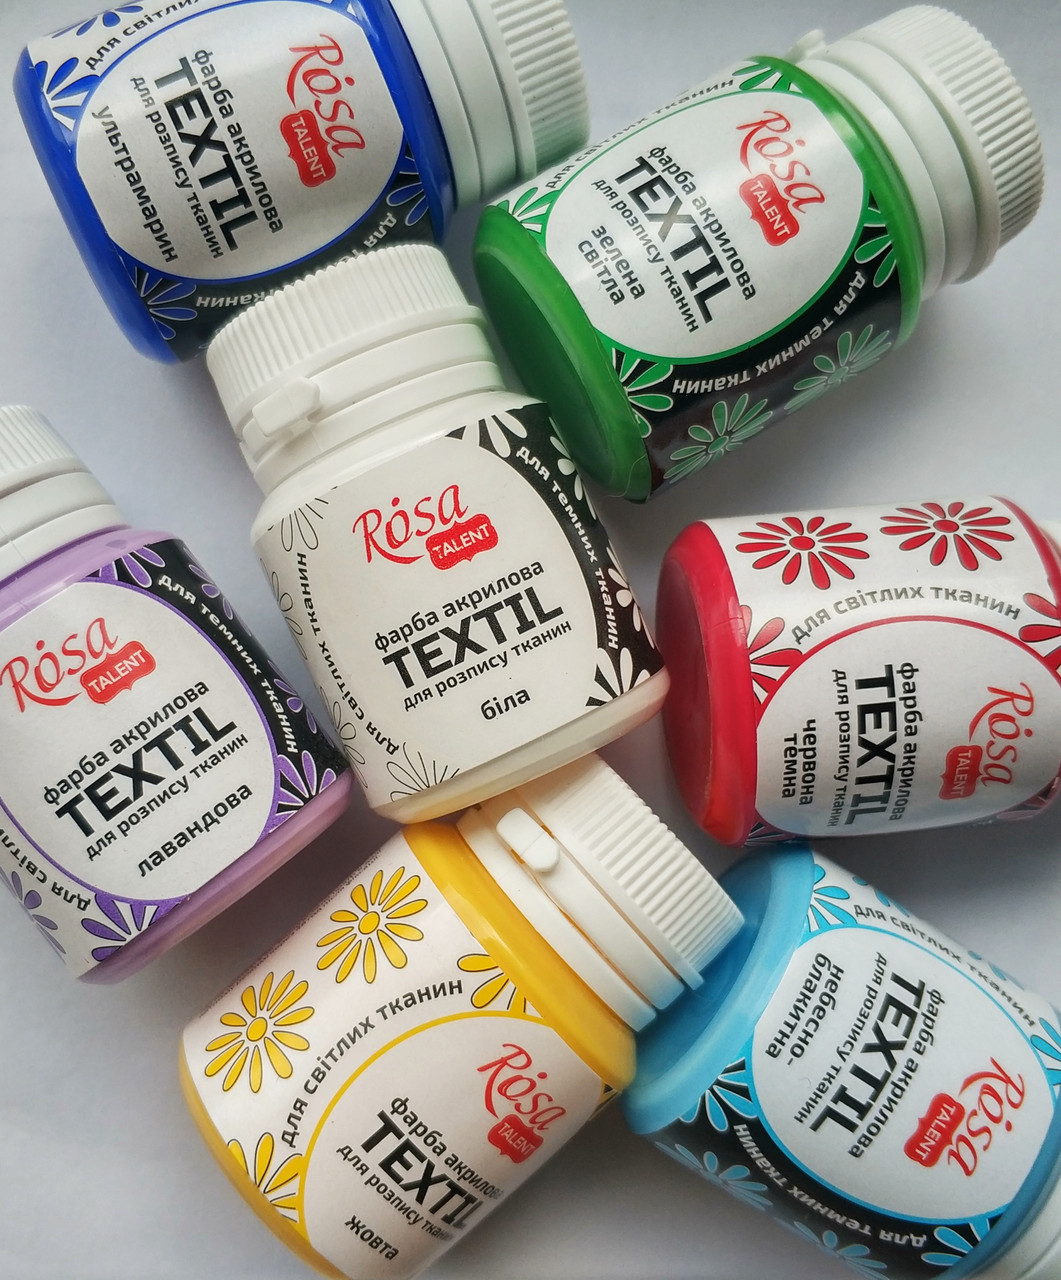 Набор красок акриловых для росписи ткани Роса Rosa Talent, 5шт. *20мл